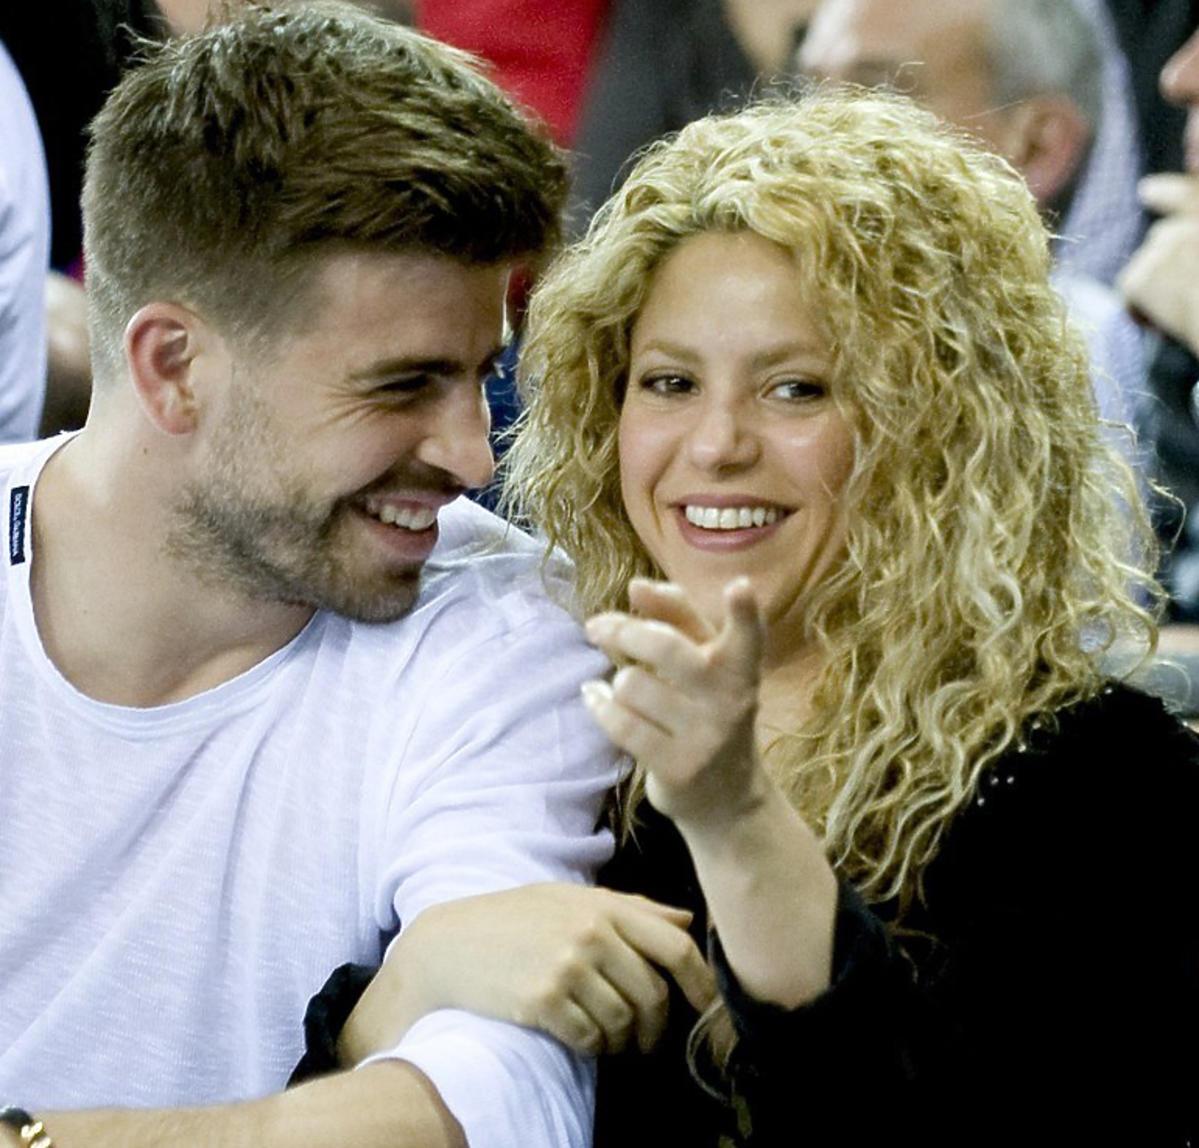 Pary z różnicą wieku w związku - Shakira i Gerard Pique